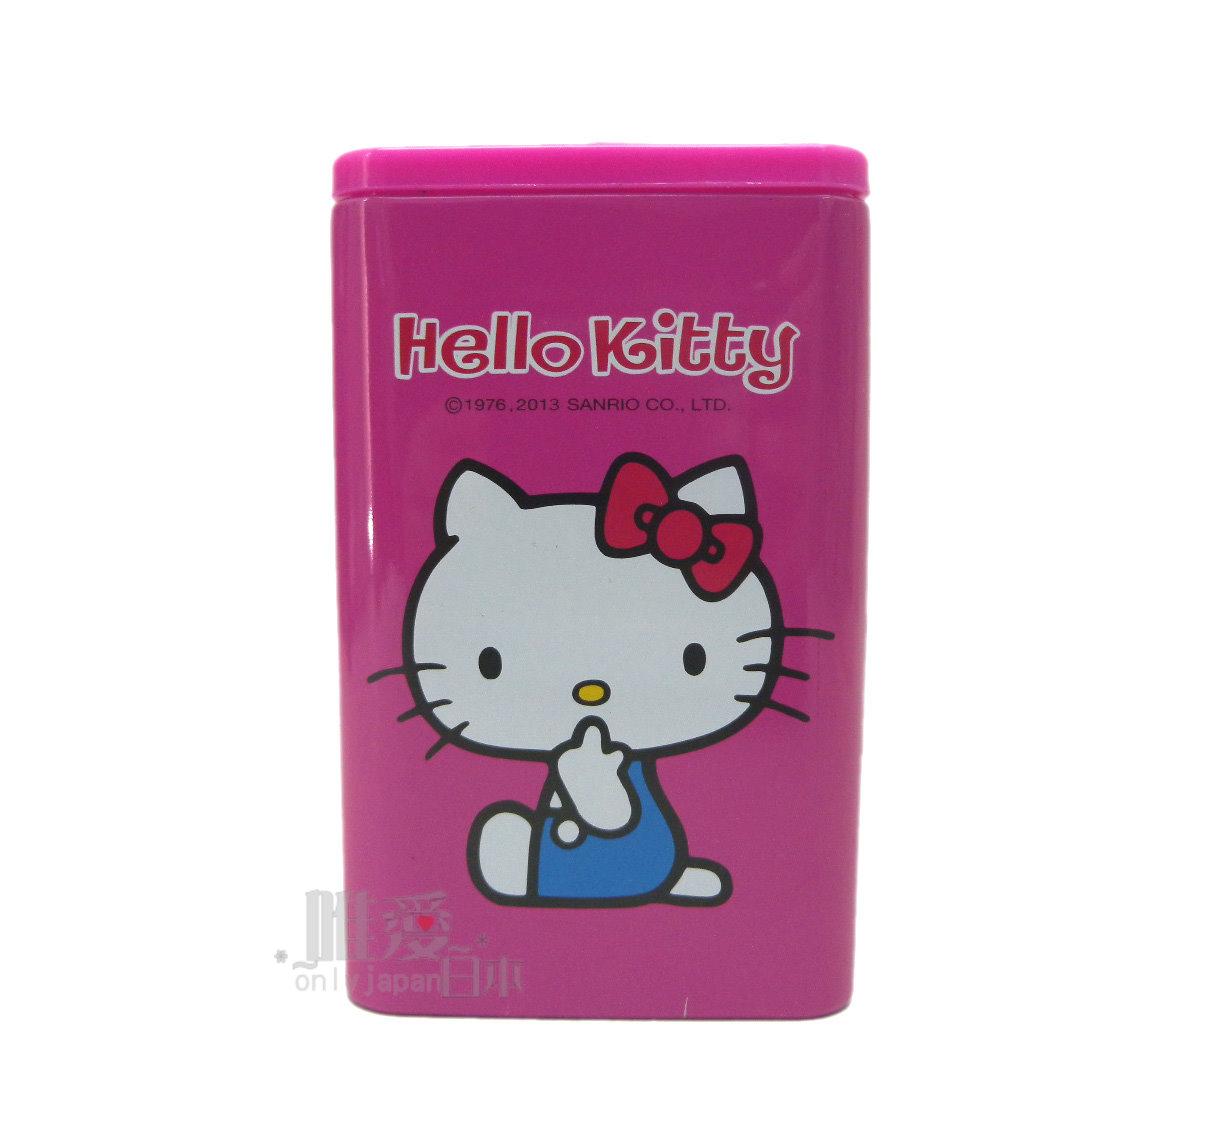 【唯愛日本】12060700002 方型分格筆筒-多結紅 三麗鷗 Hello Kitty 凱蒂貓 文具用品 筆筒